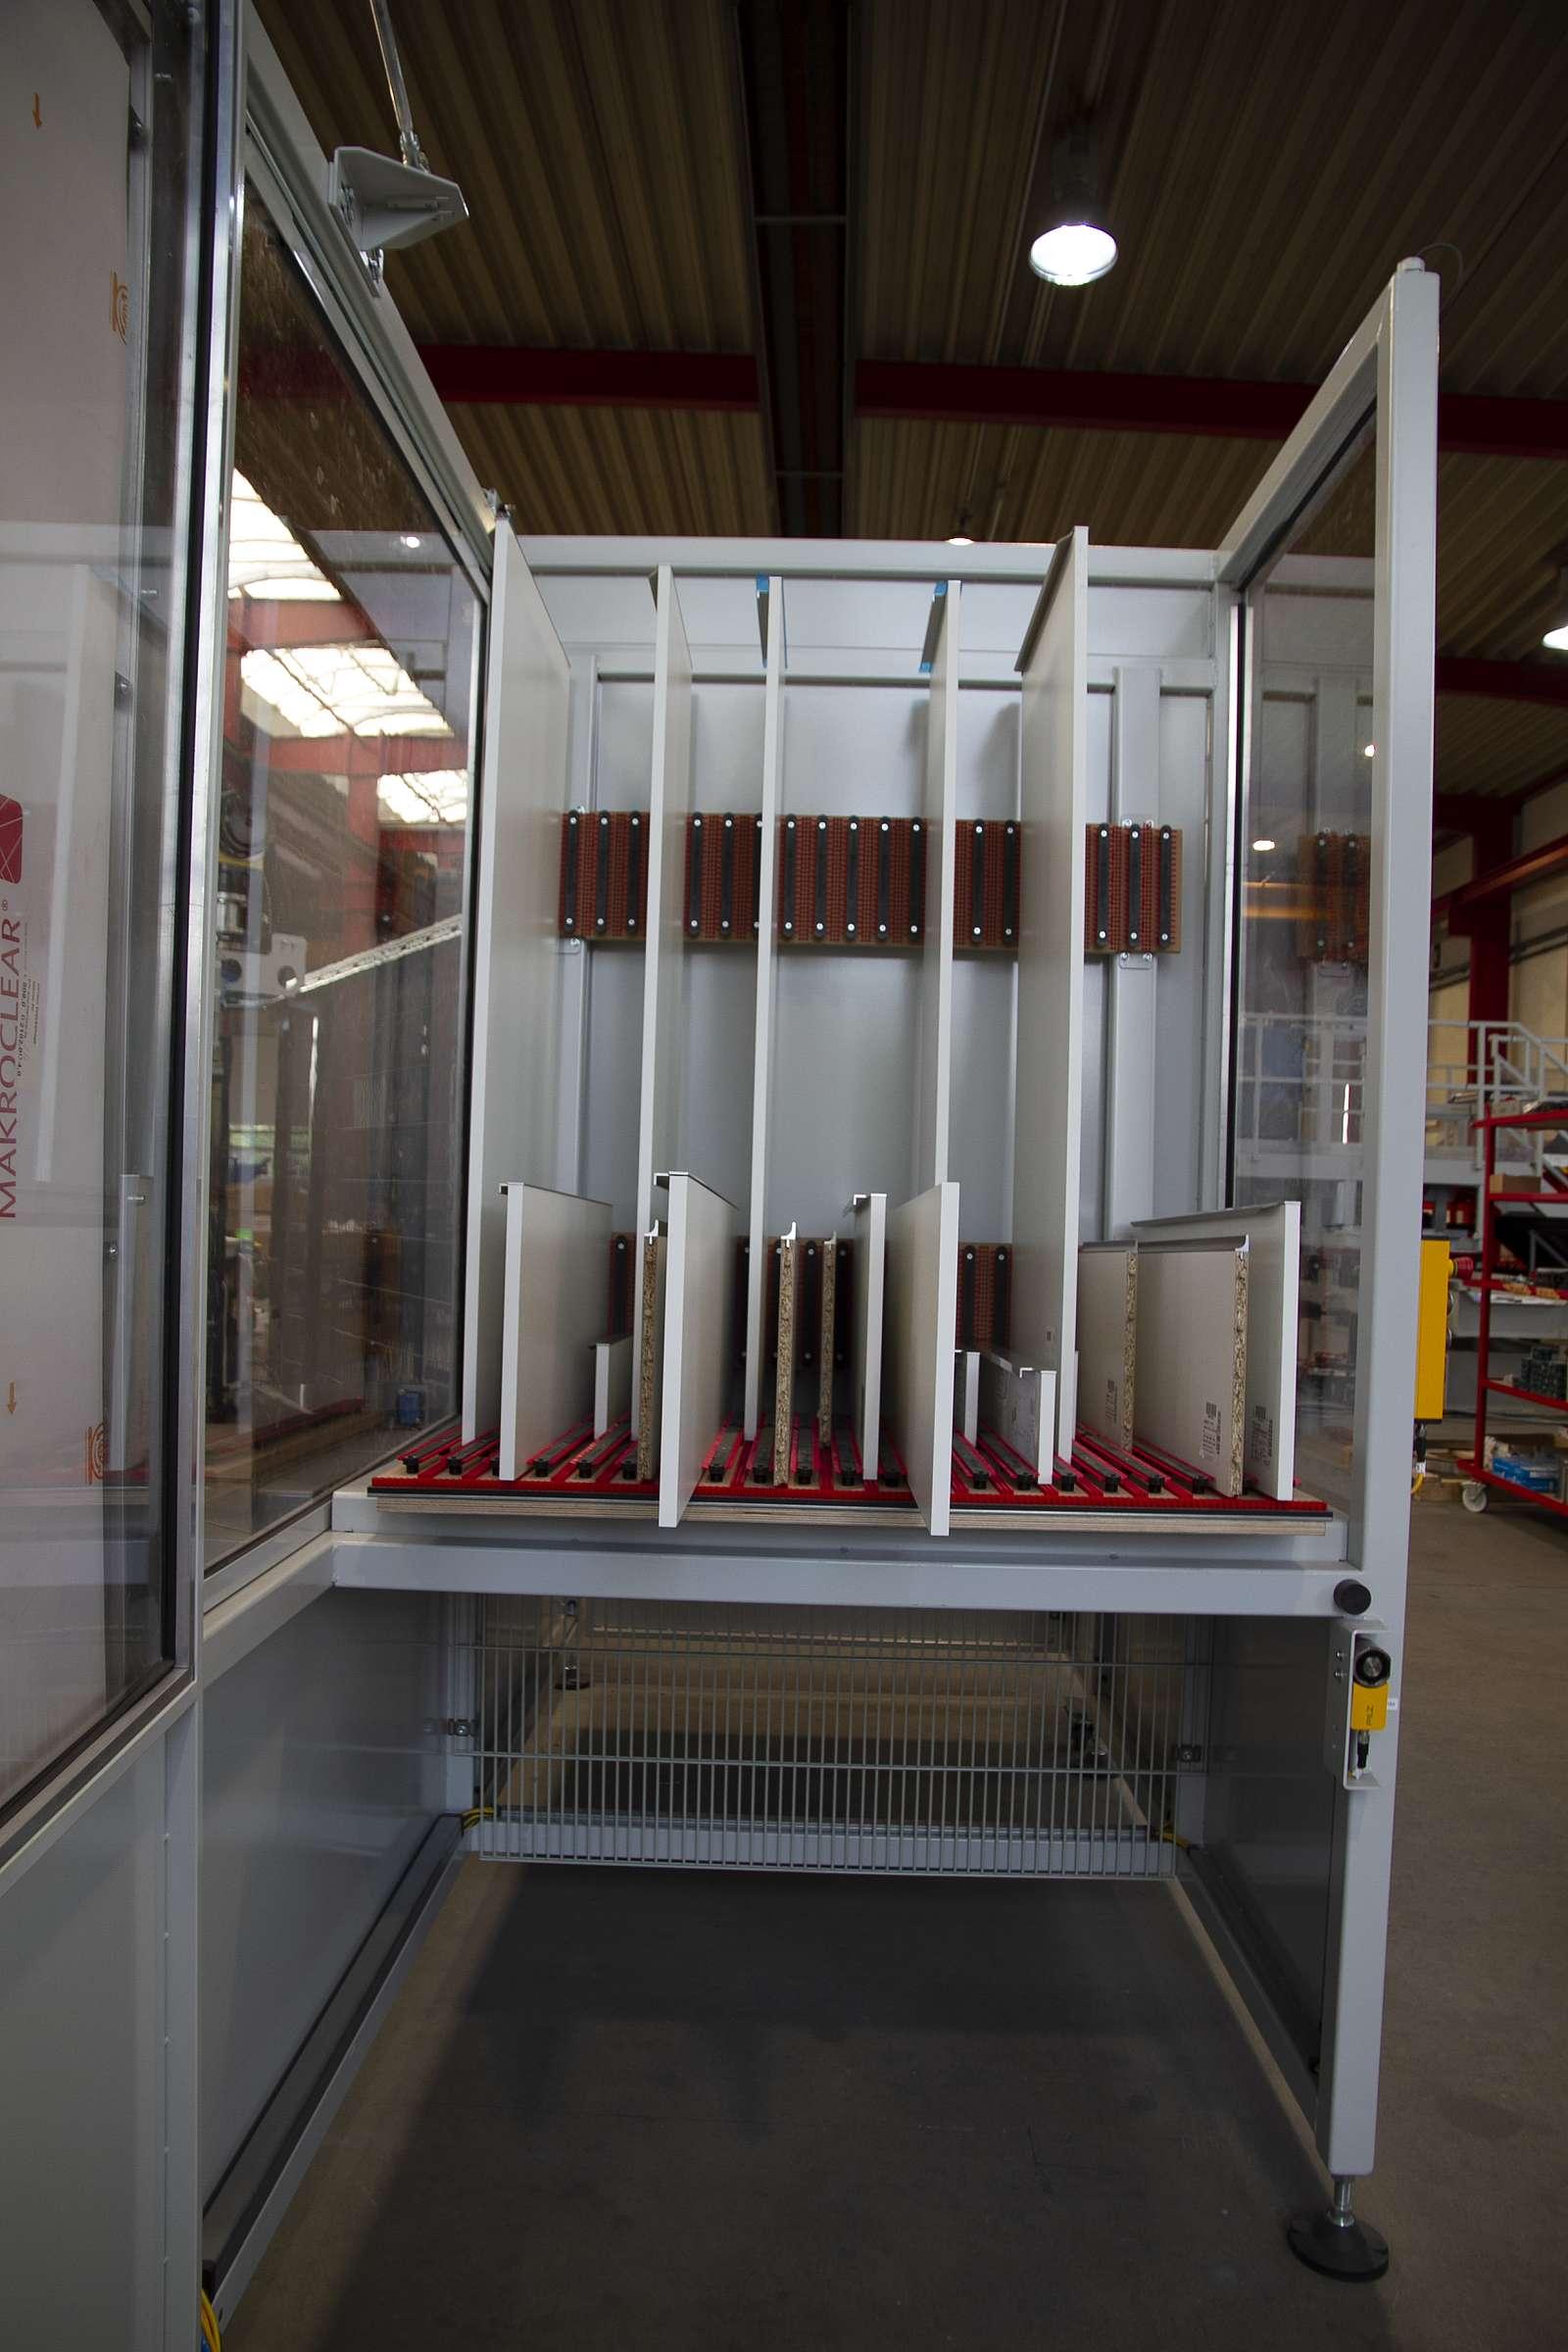 Ablage der fertigen Fronten erfolgt durch den Roboter in einem geteilten Ablageregister